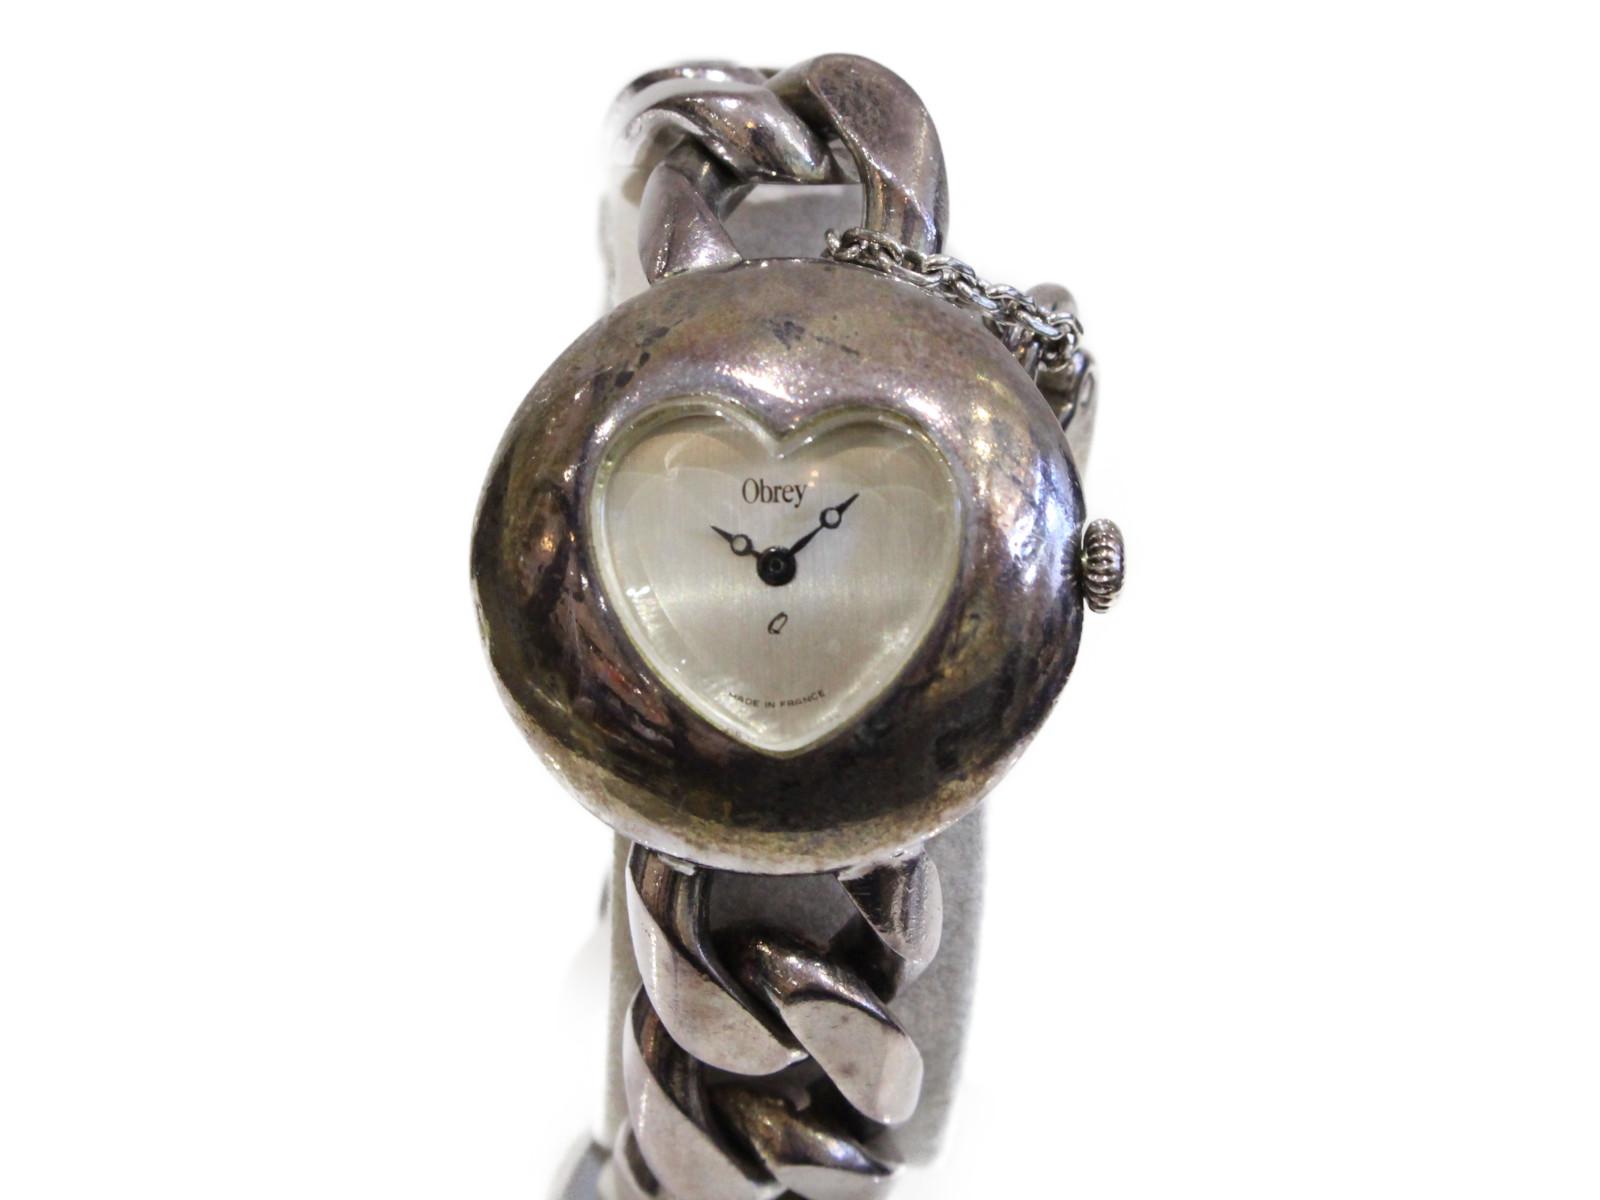 【販売証明書付】Obrey オブレイ シルバー ハート レディース 腕時計【中古】